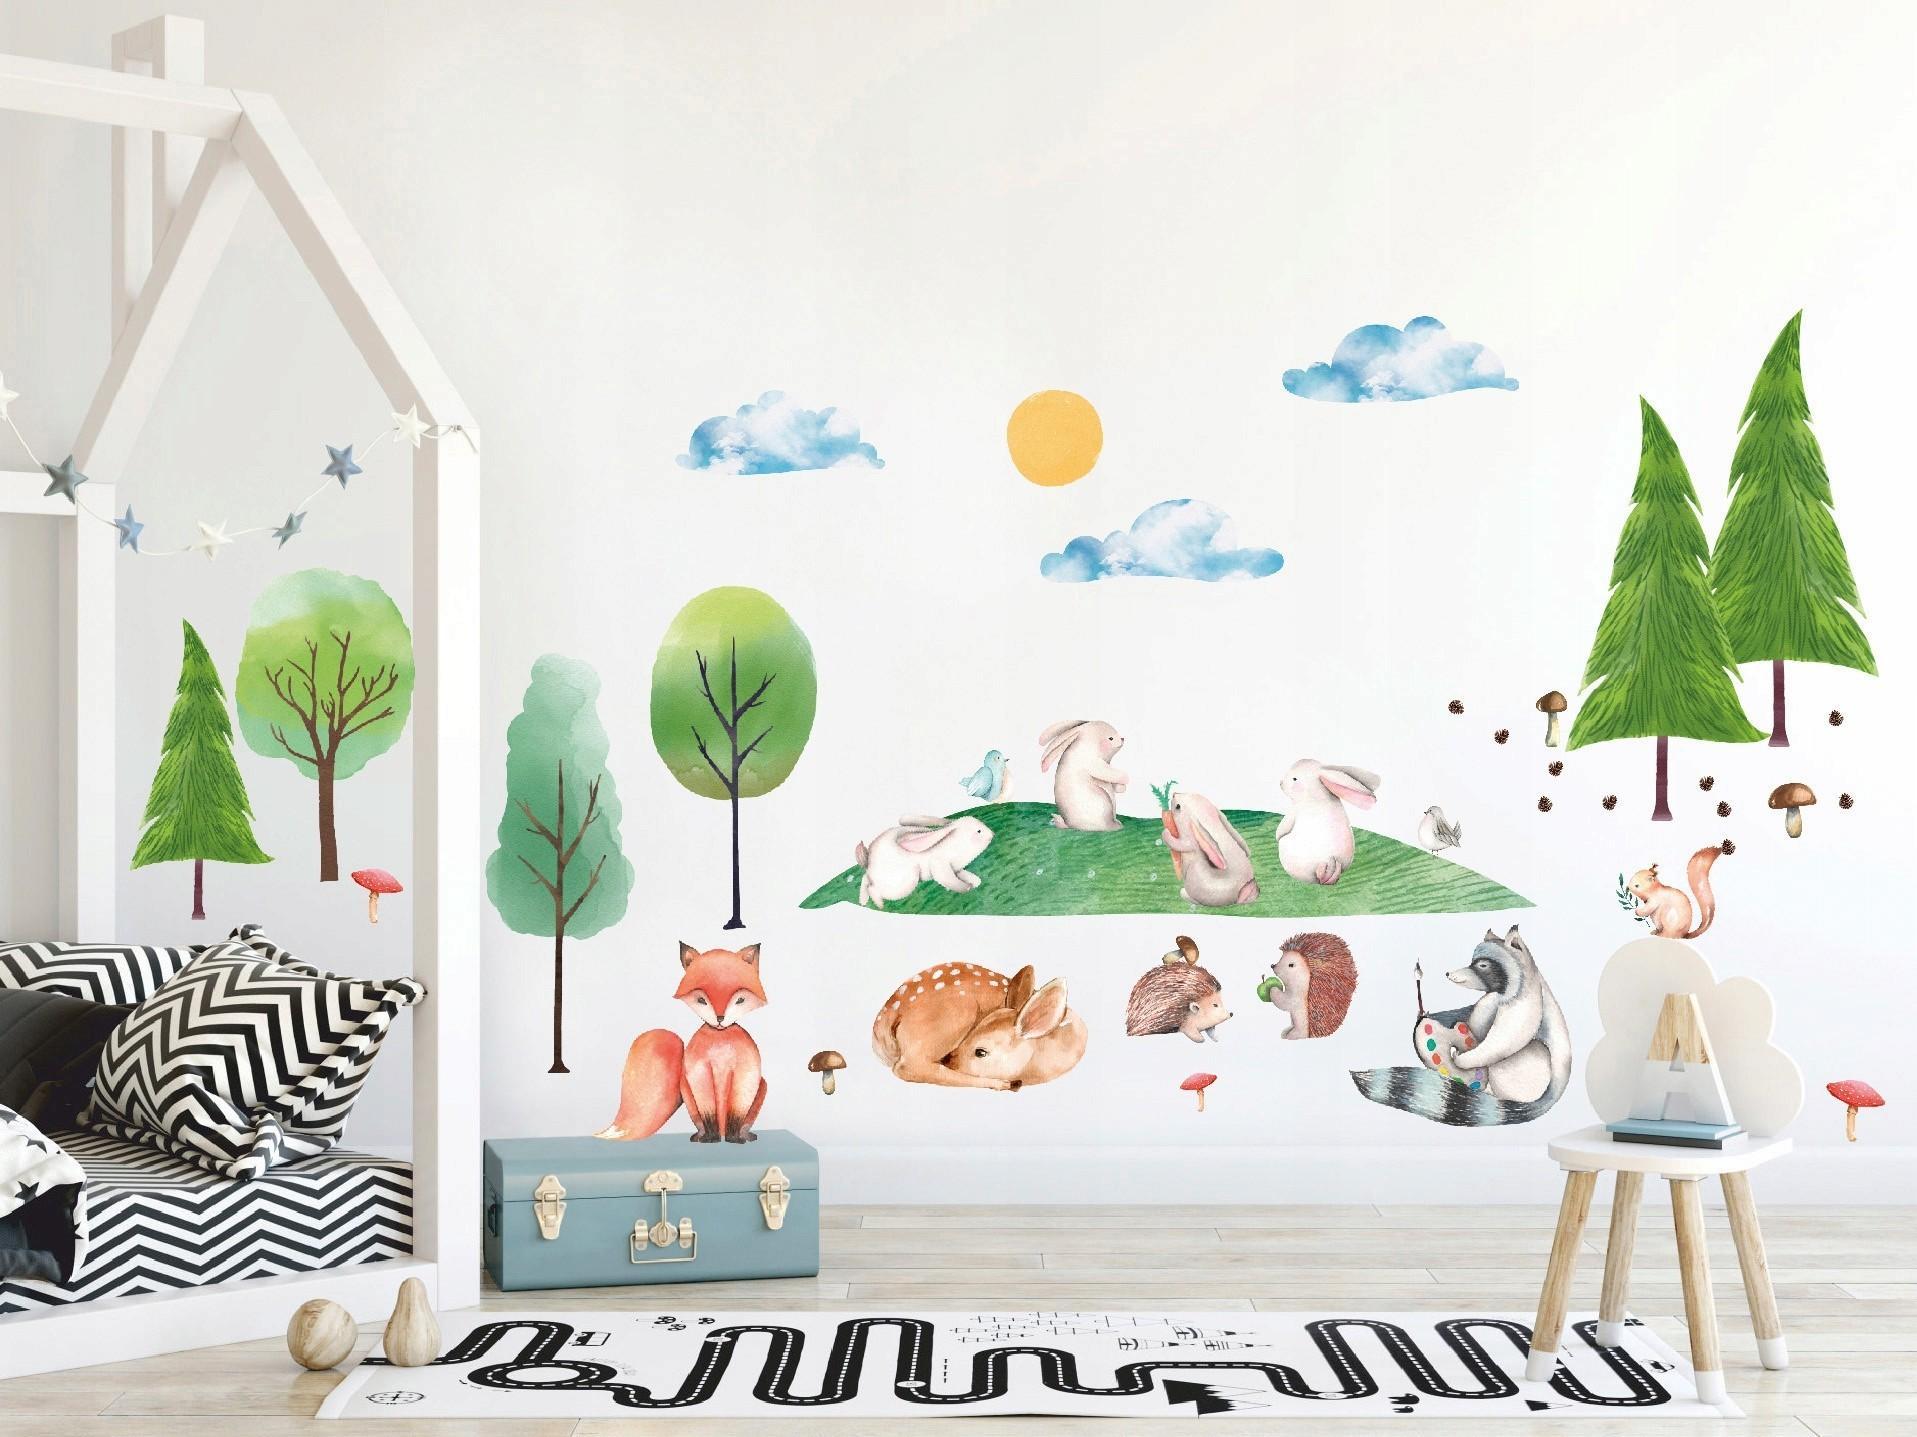 DomTextilu Roztomilá detská nálepka na stenu so zvieratkami v prírode XXL  46727